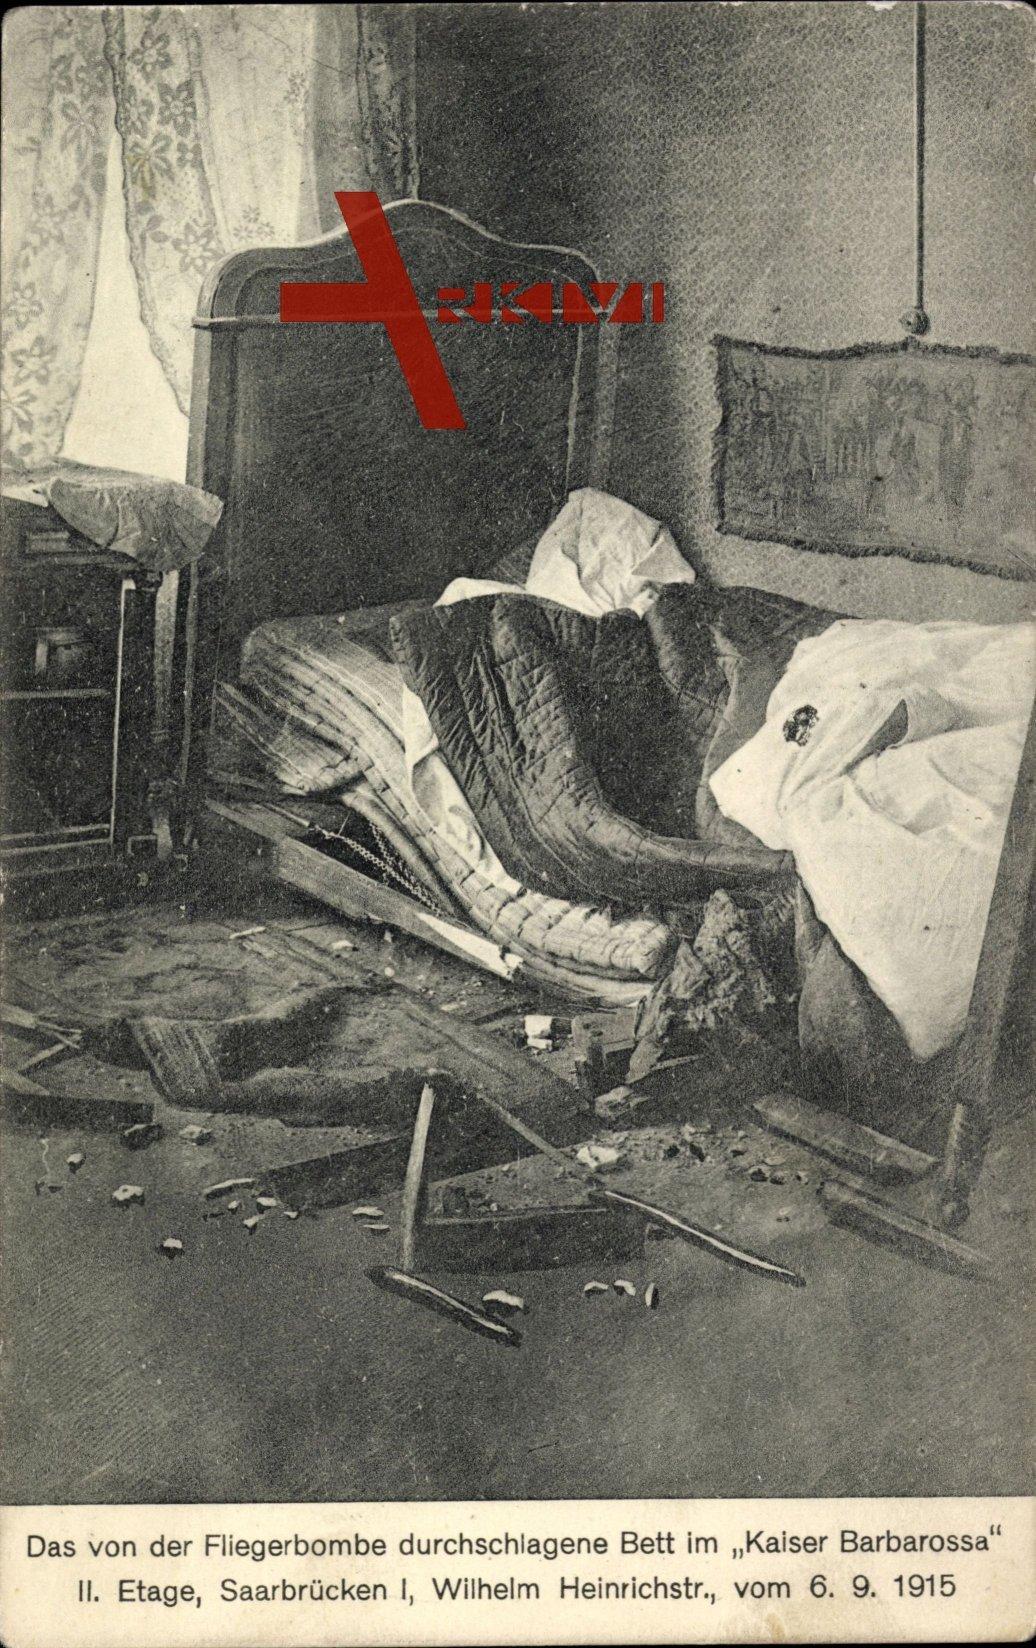 Saarbrücken, Durchschlagenes Bett im Hotel 'Kaiser Barbarossa', Fliegerbombe, 1915